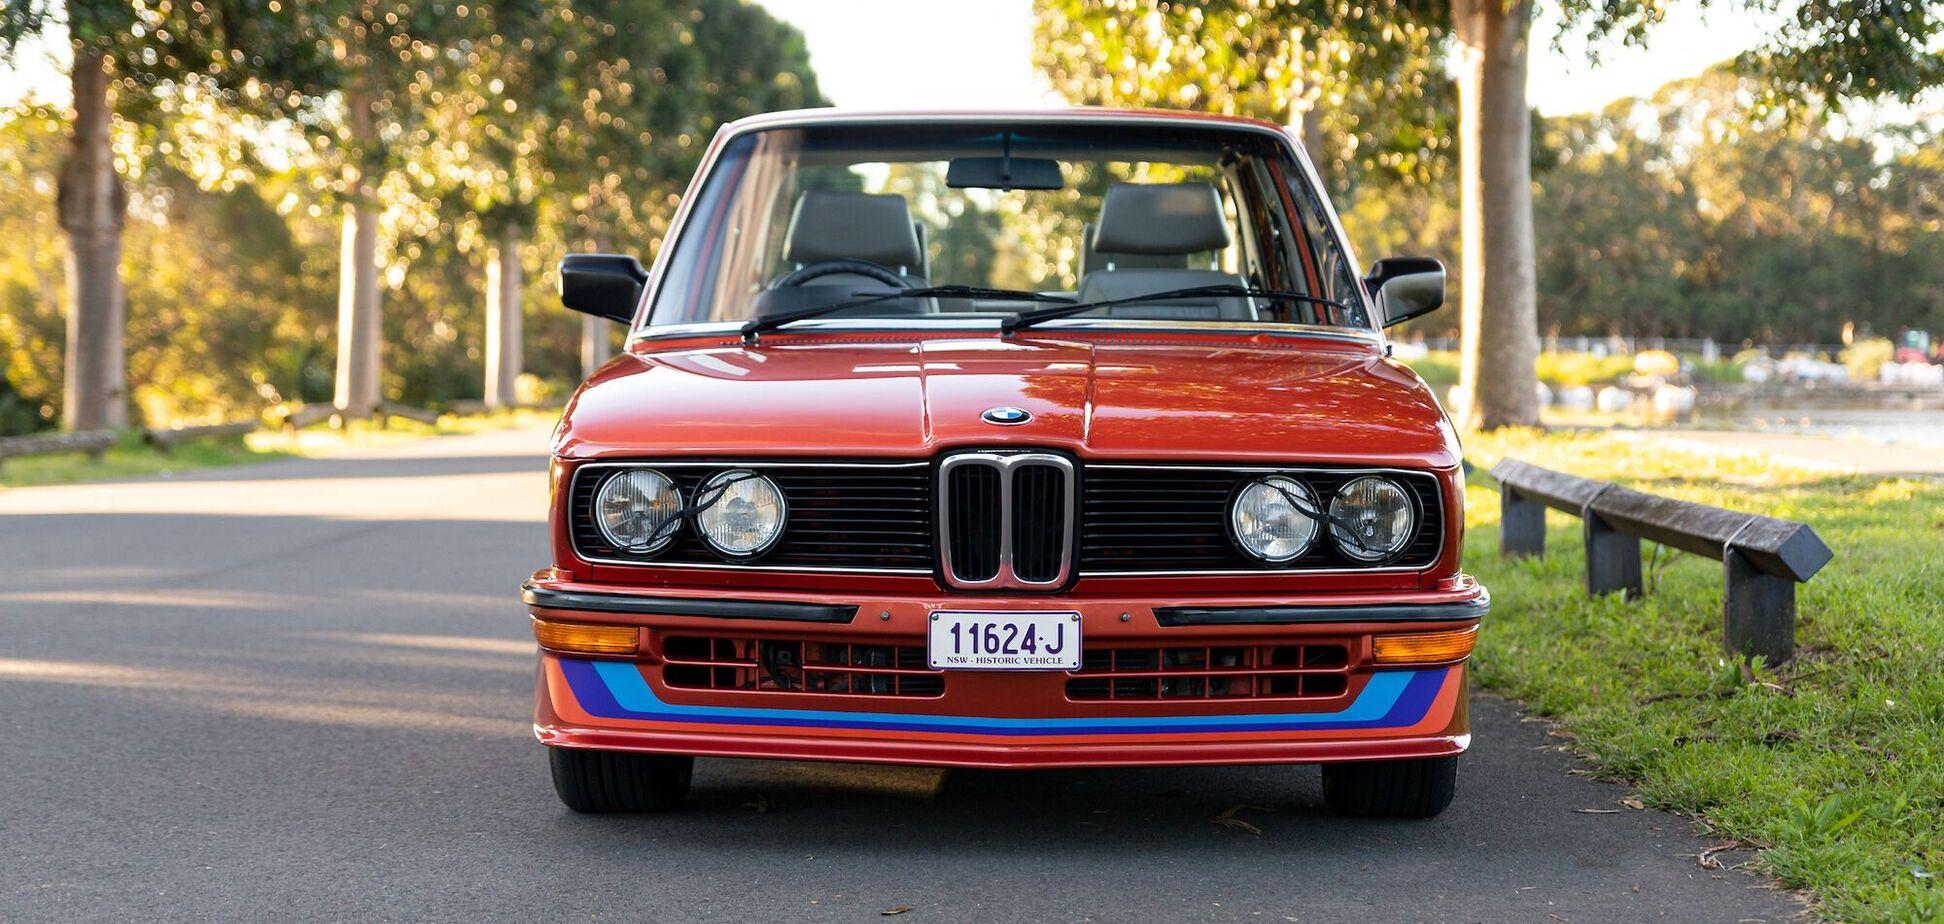 Рідкісний BMW виставили на аукціон в Австралії